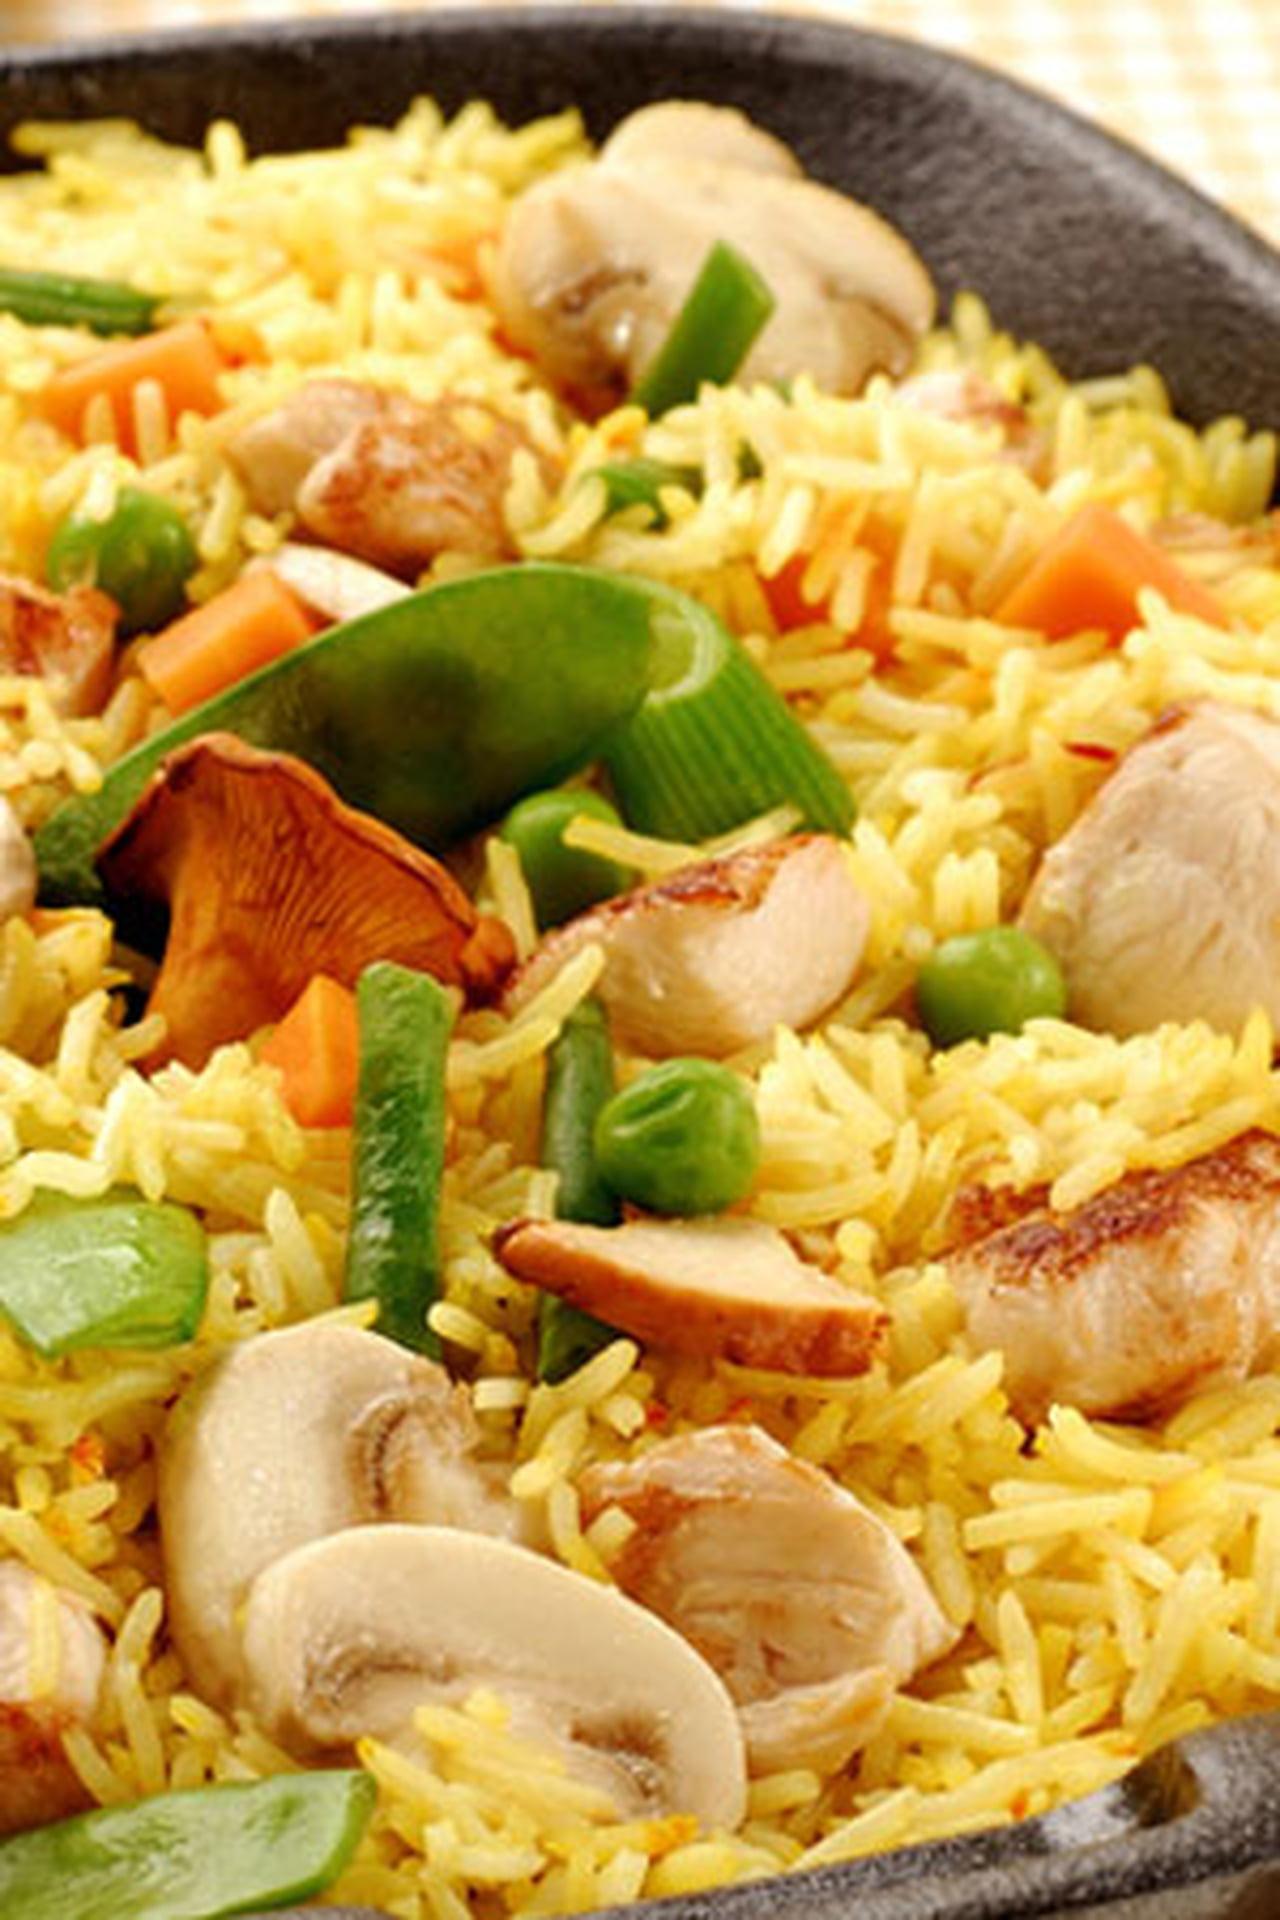 صور اكلات سهله وسريعه , اتعلم اسهل الاكلات التي سوف تطبخيها في وقت قليل